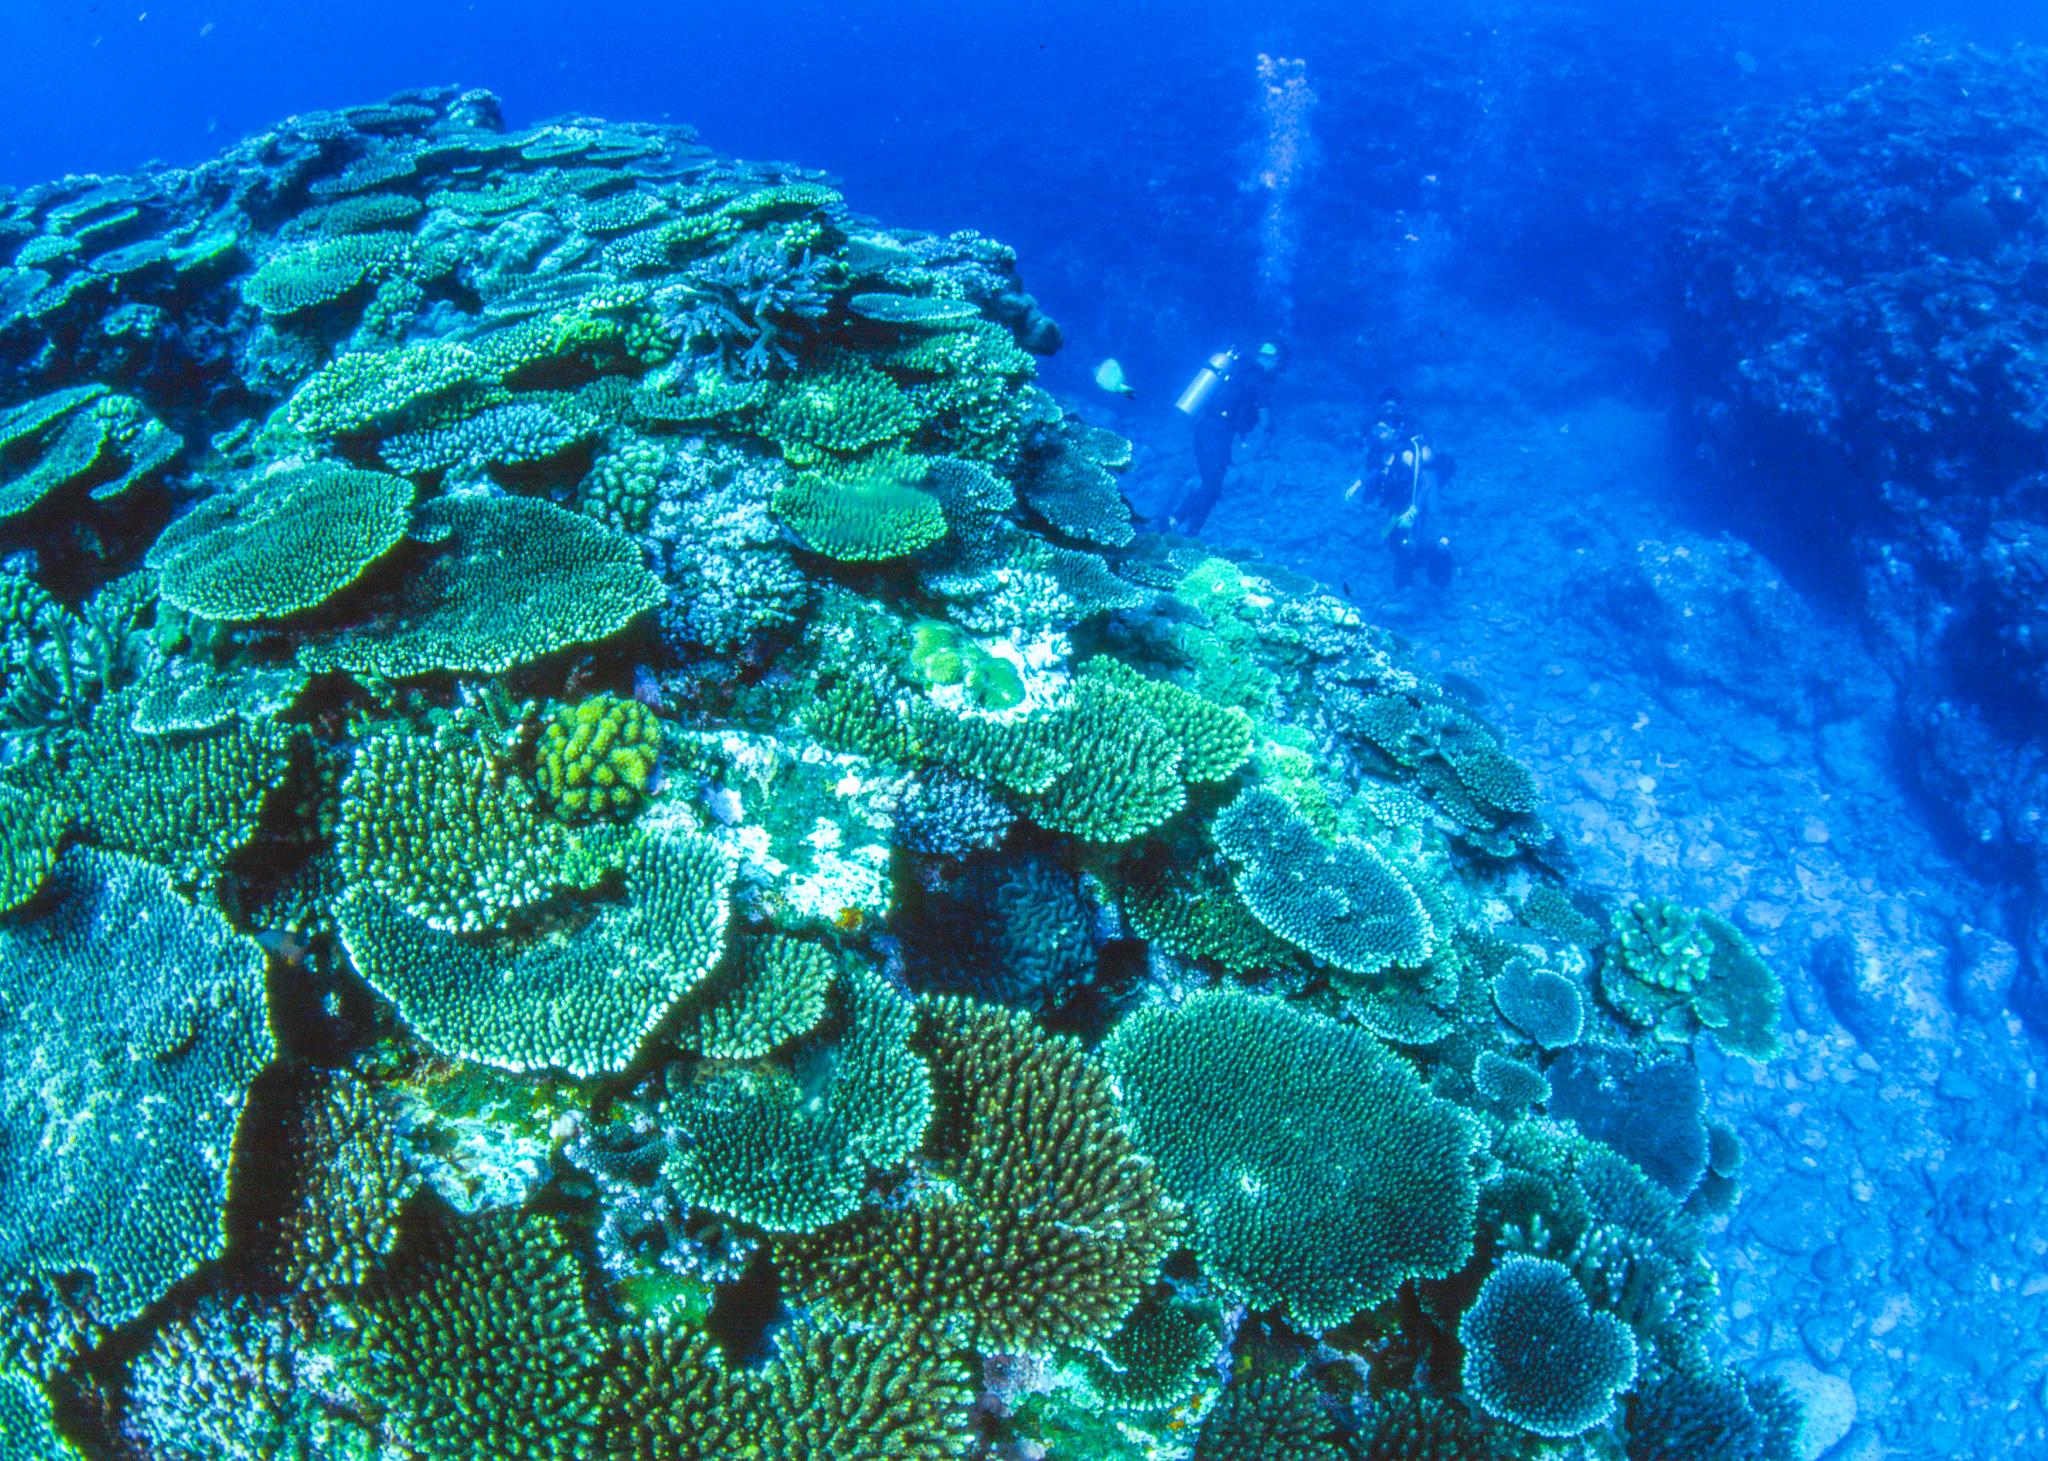 テーブルサンゴで埋め尽くされた小浜島の海